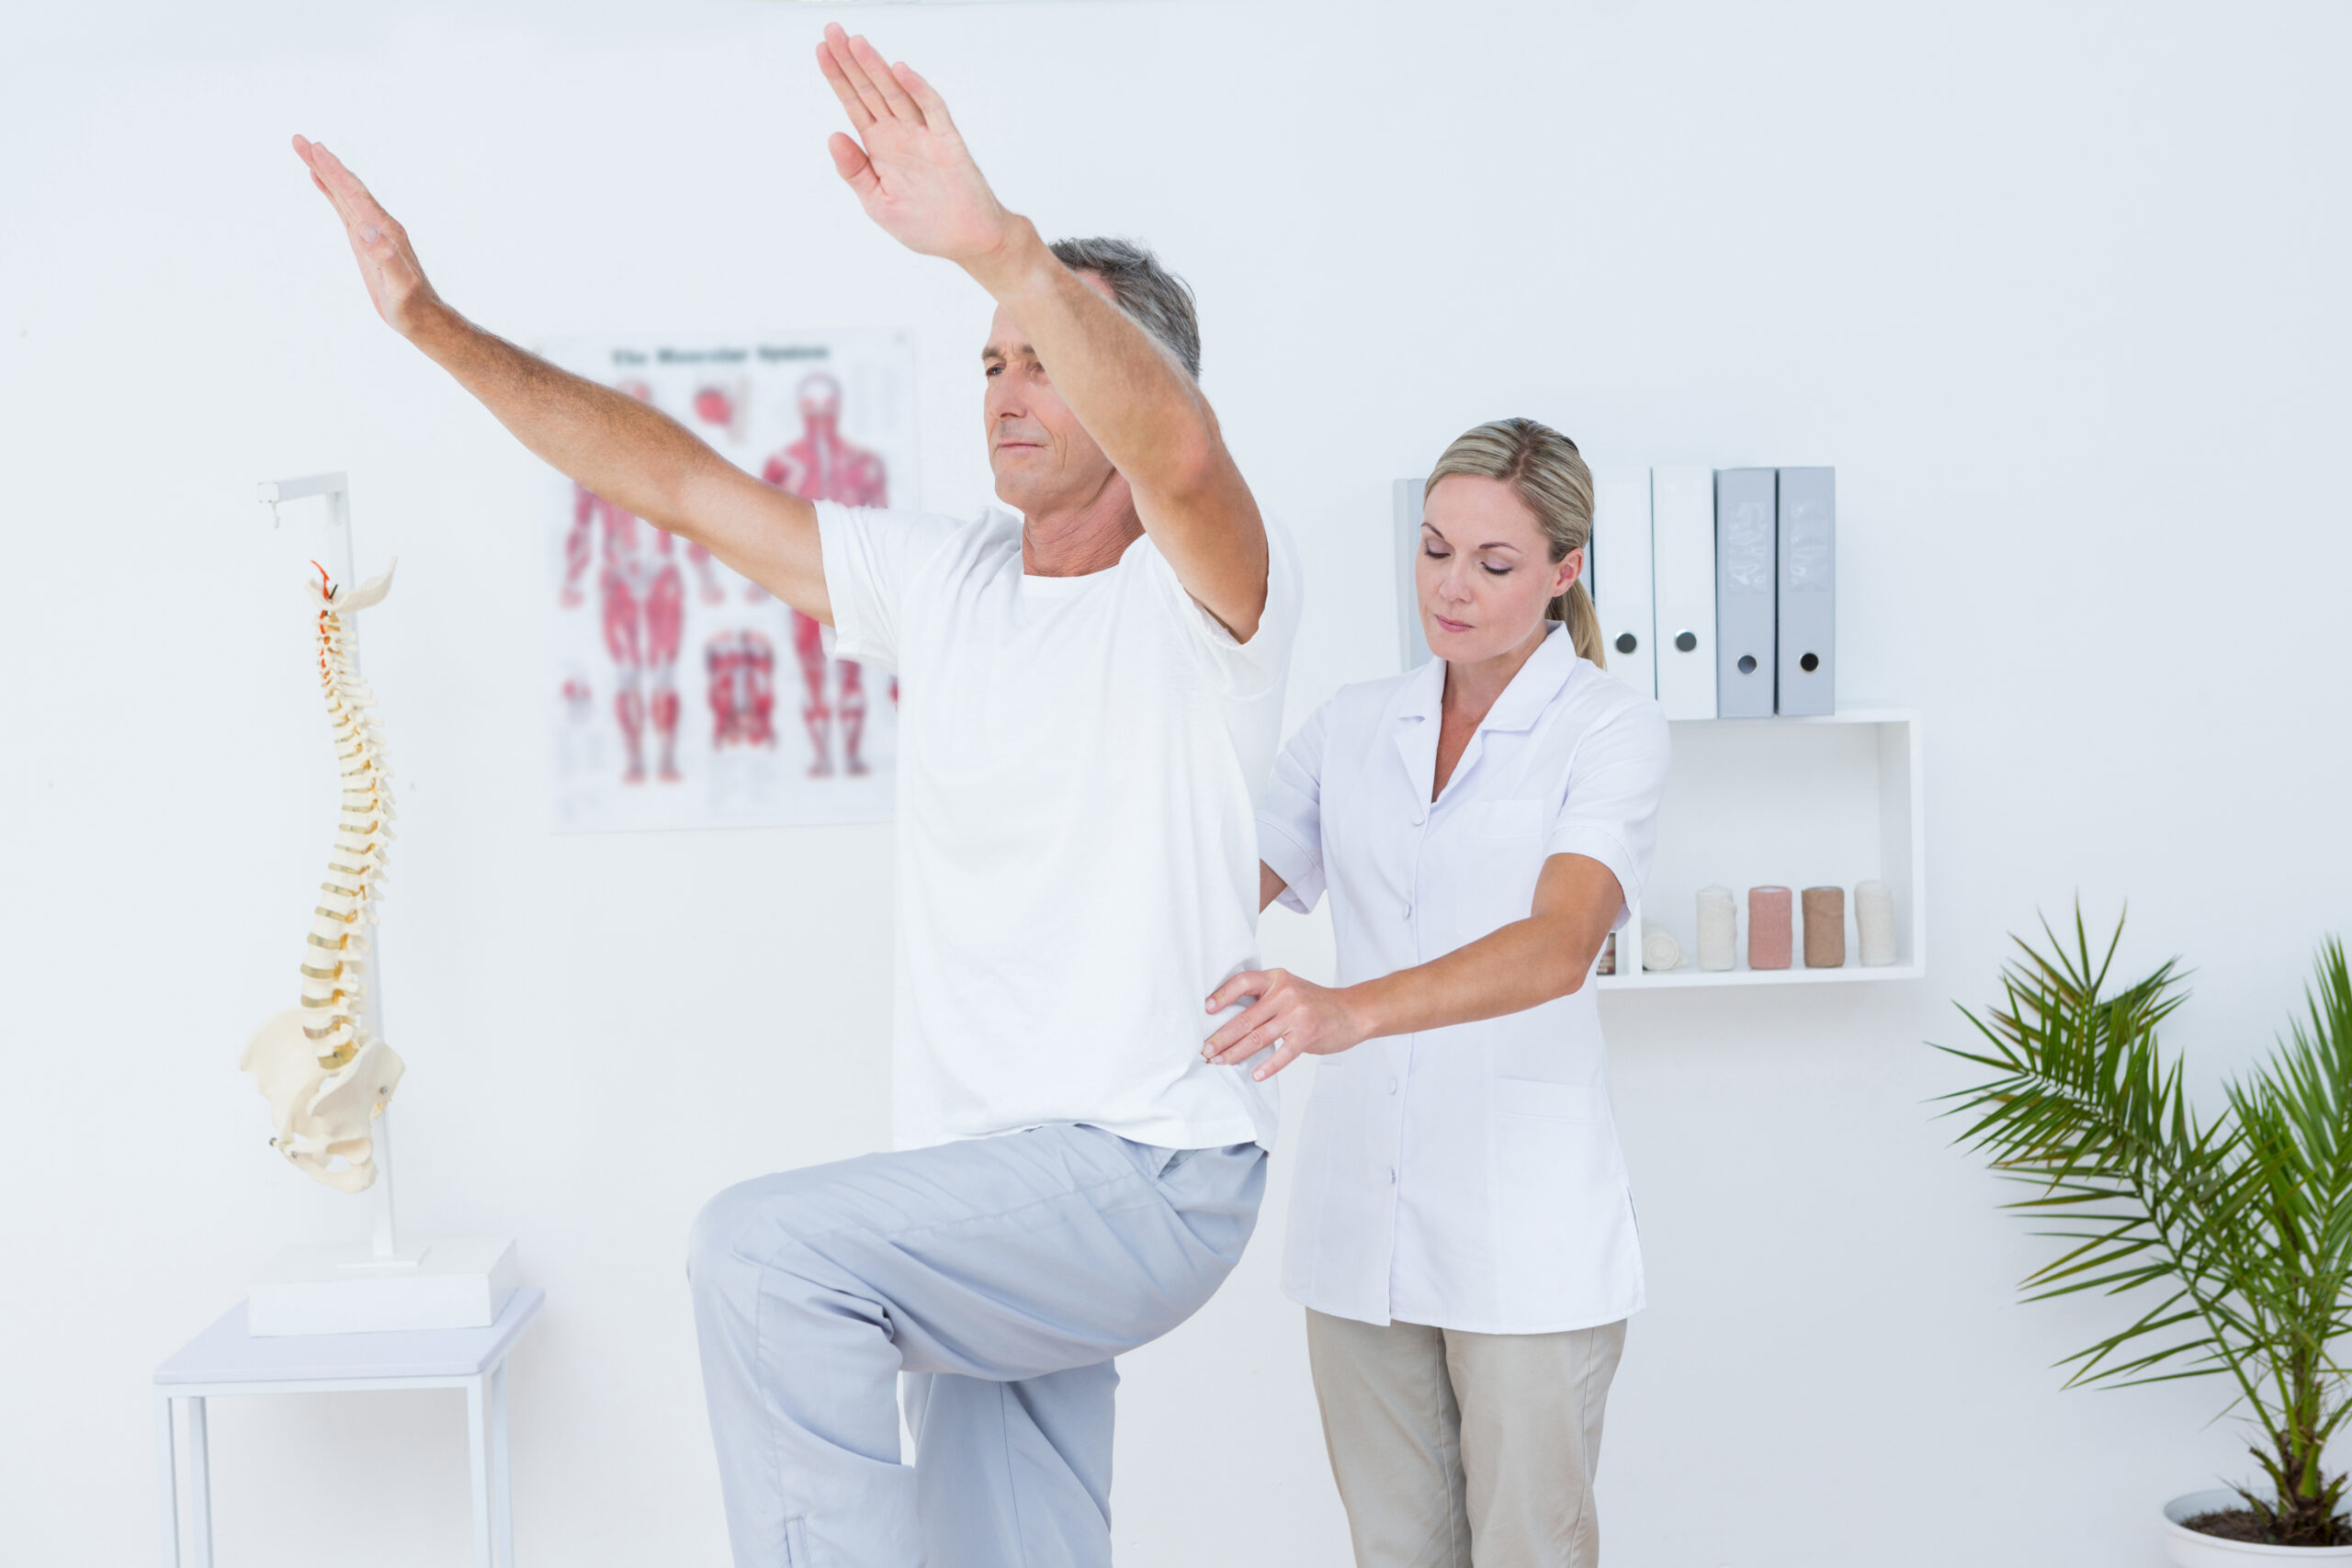 Центр здоров'я Solard - Відновлення після травм і операцій - 1